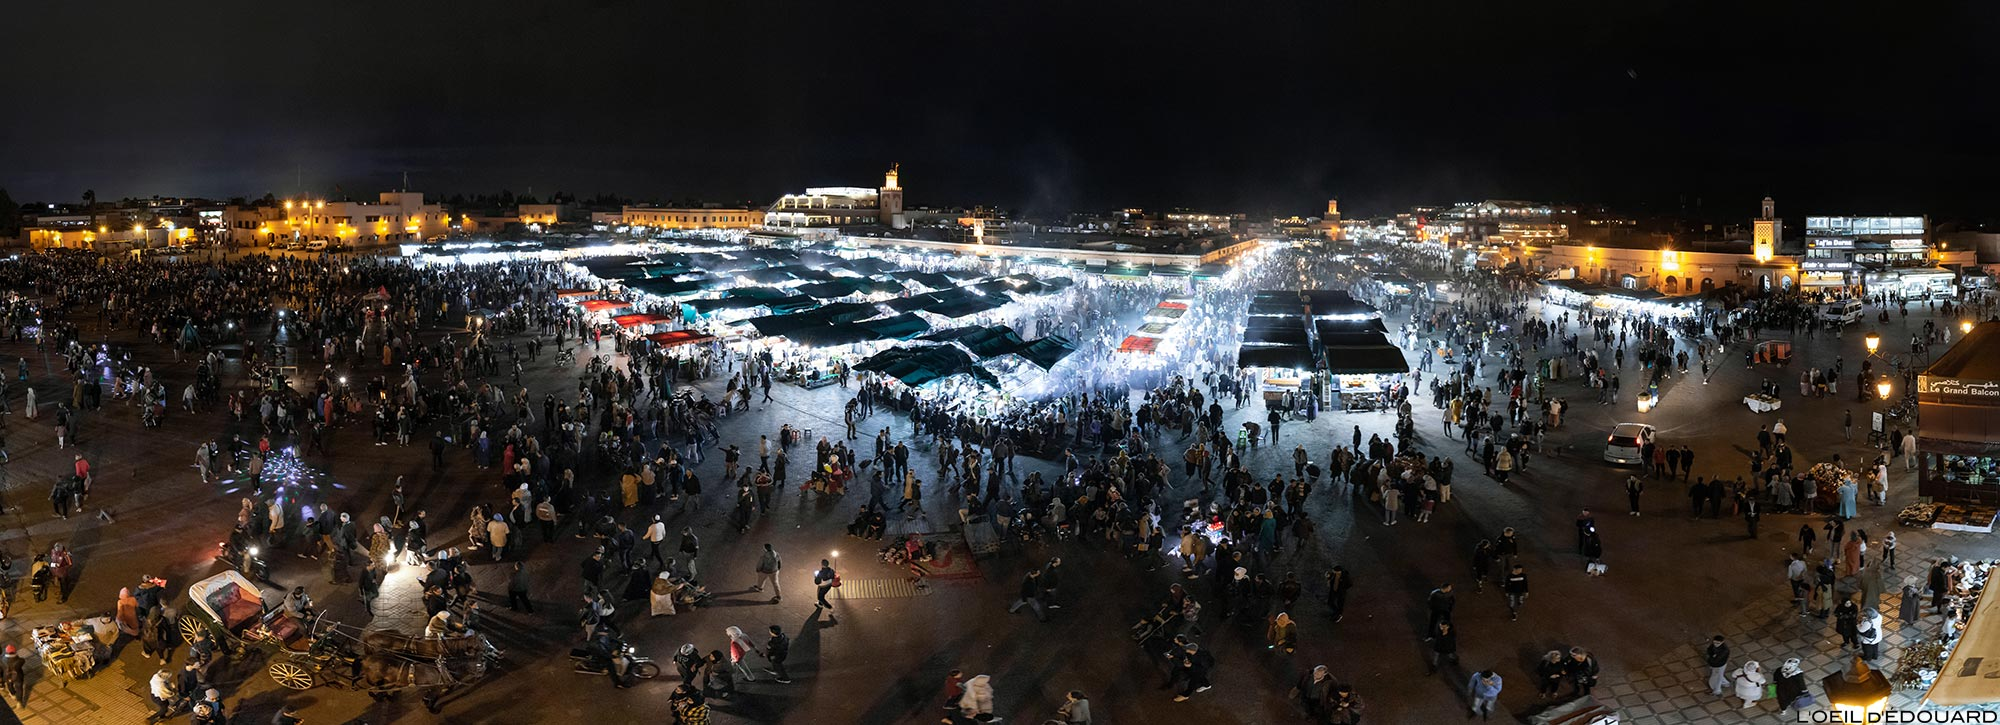 La Place Jemaâ El-Fna de Marrakech le soir depuis la terrasse du Grand Balcon du Café Glacier, Maroc © L'Oeil d'Édouard - Tous droits réservés